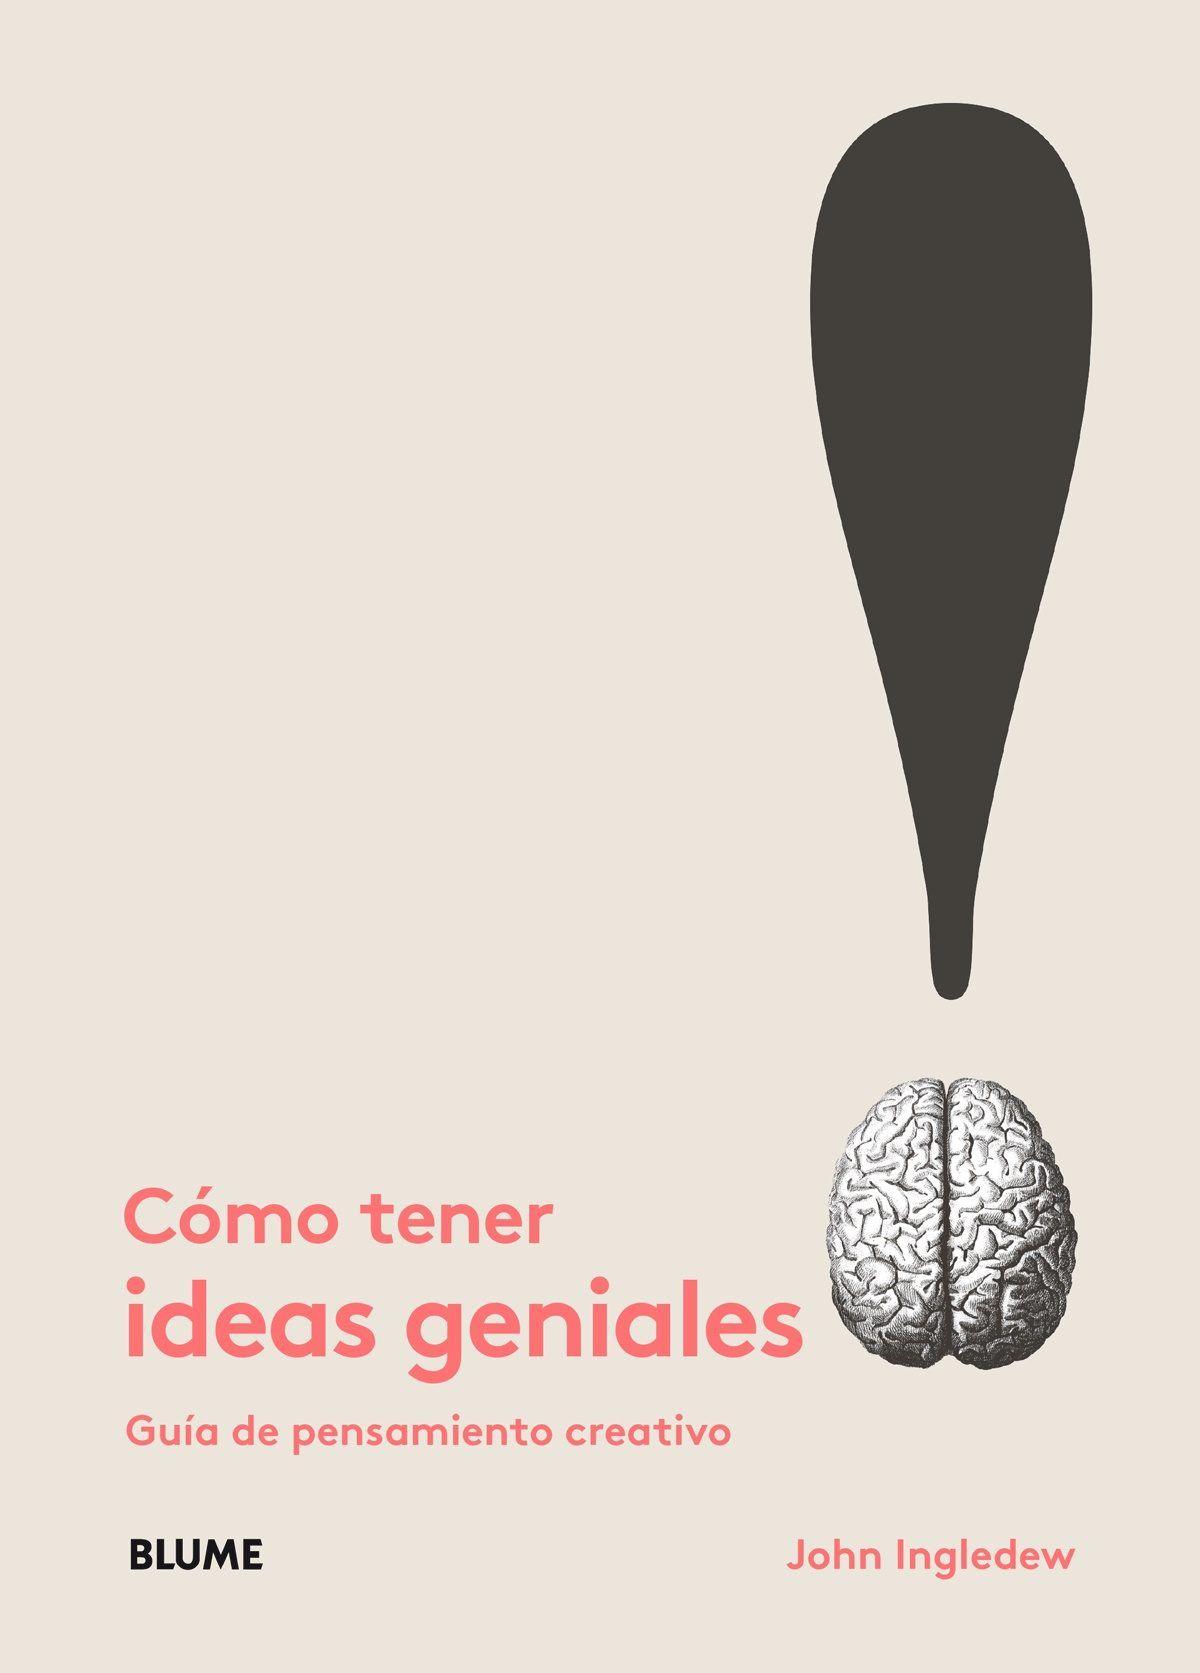 Cómo tener ideas geniales : guía de pensamiento creativo / John Ingledew. Barcelona : Blume, 2016